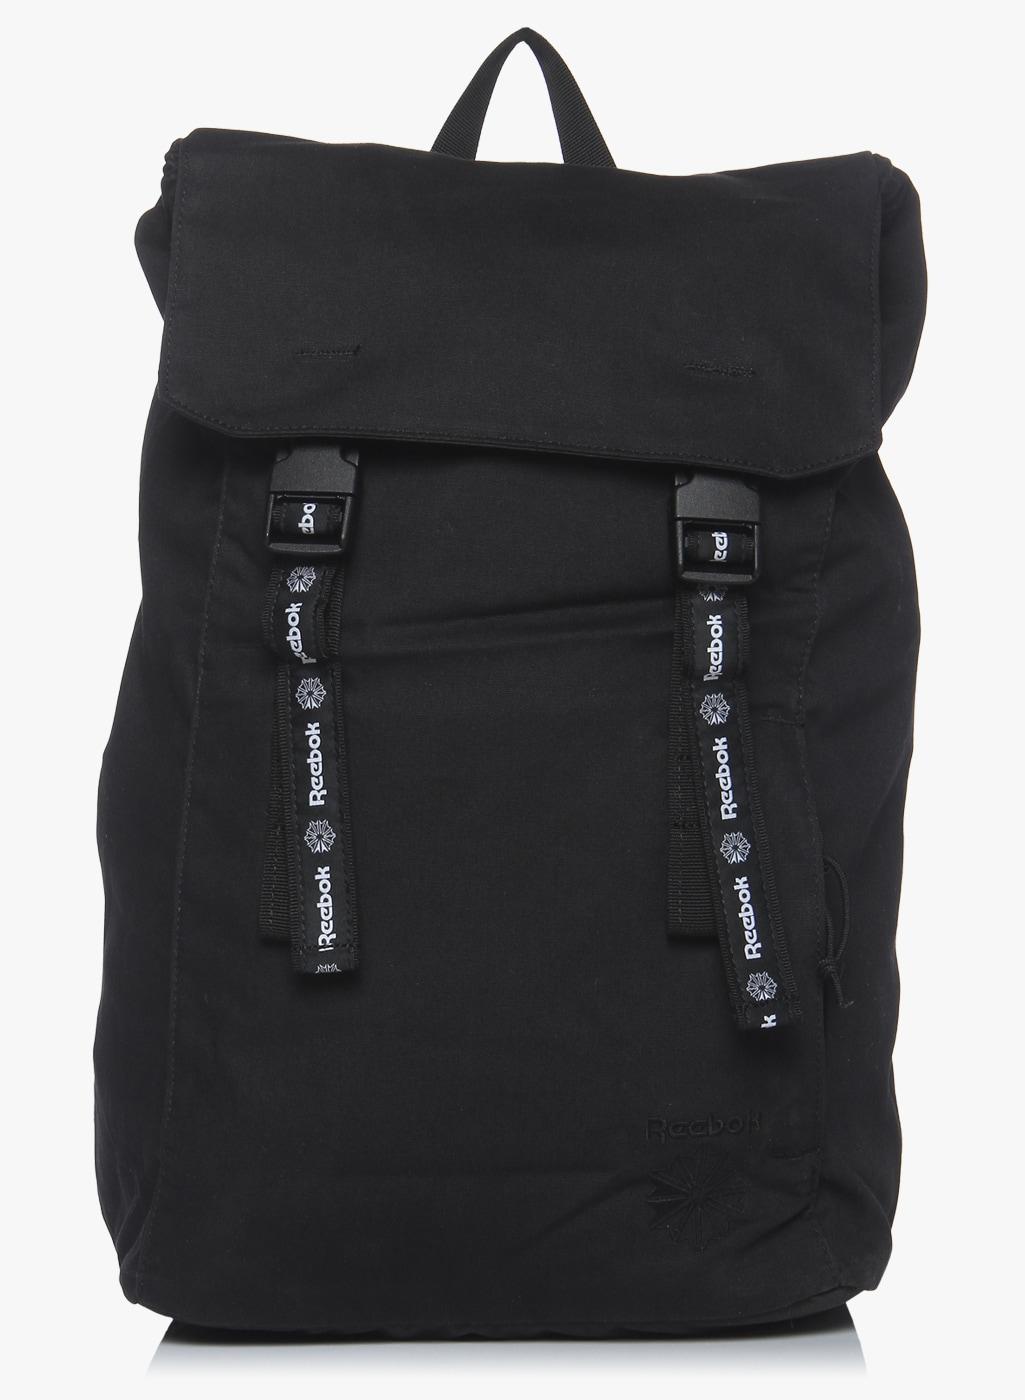 Reebok Rucksack Backpacks Tops - Buy Reebok Rucksack Backpacks Tops online  in India